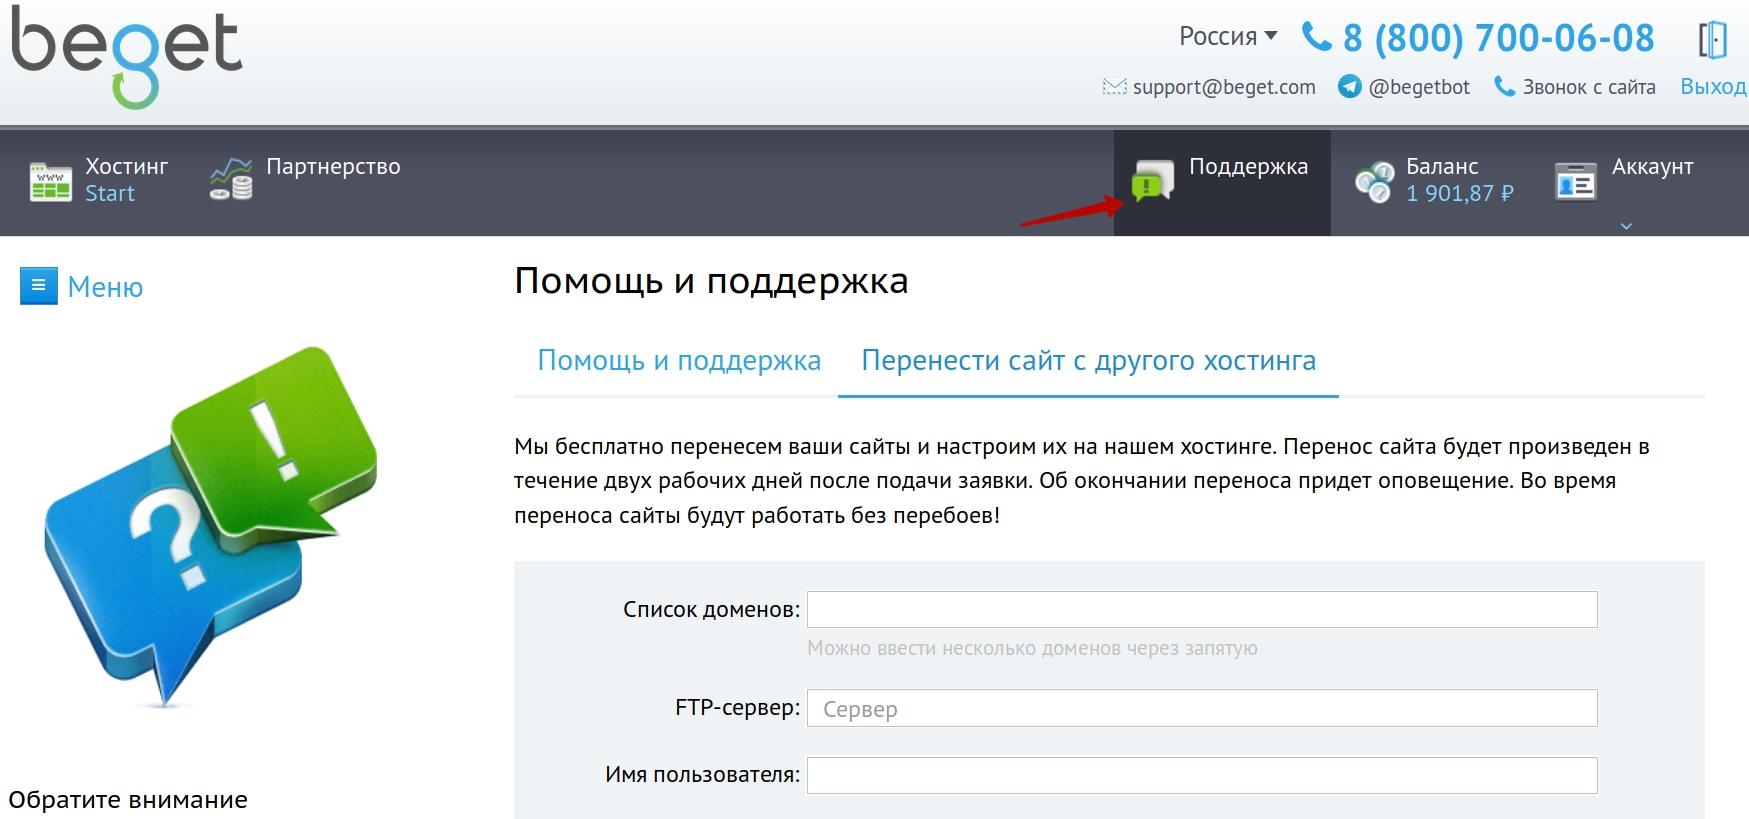 Несколько хостингов для одного сайта панель управления домен хостинг